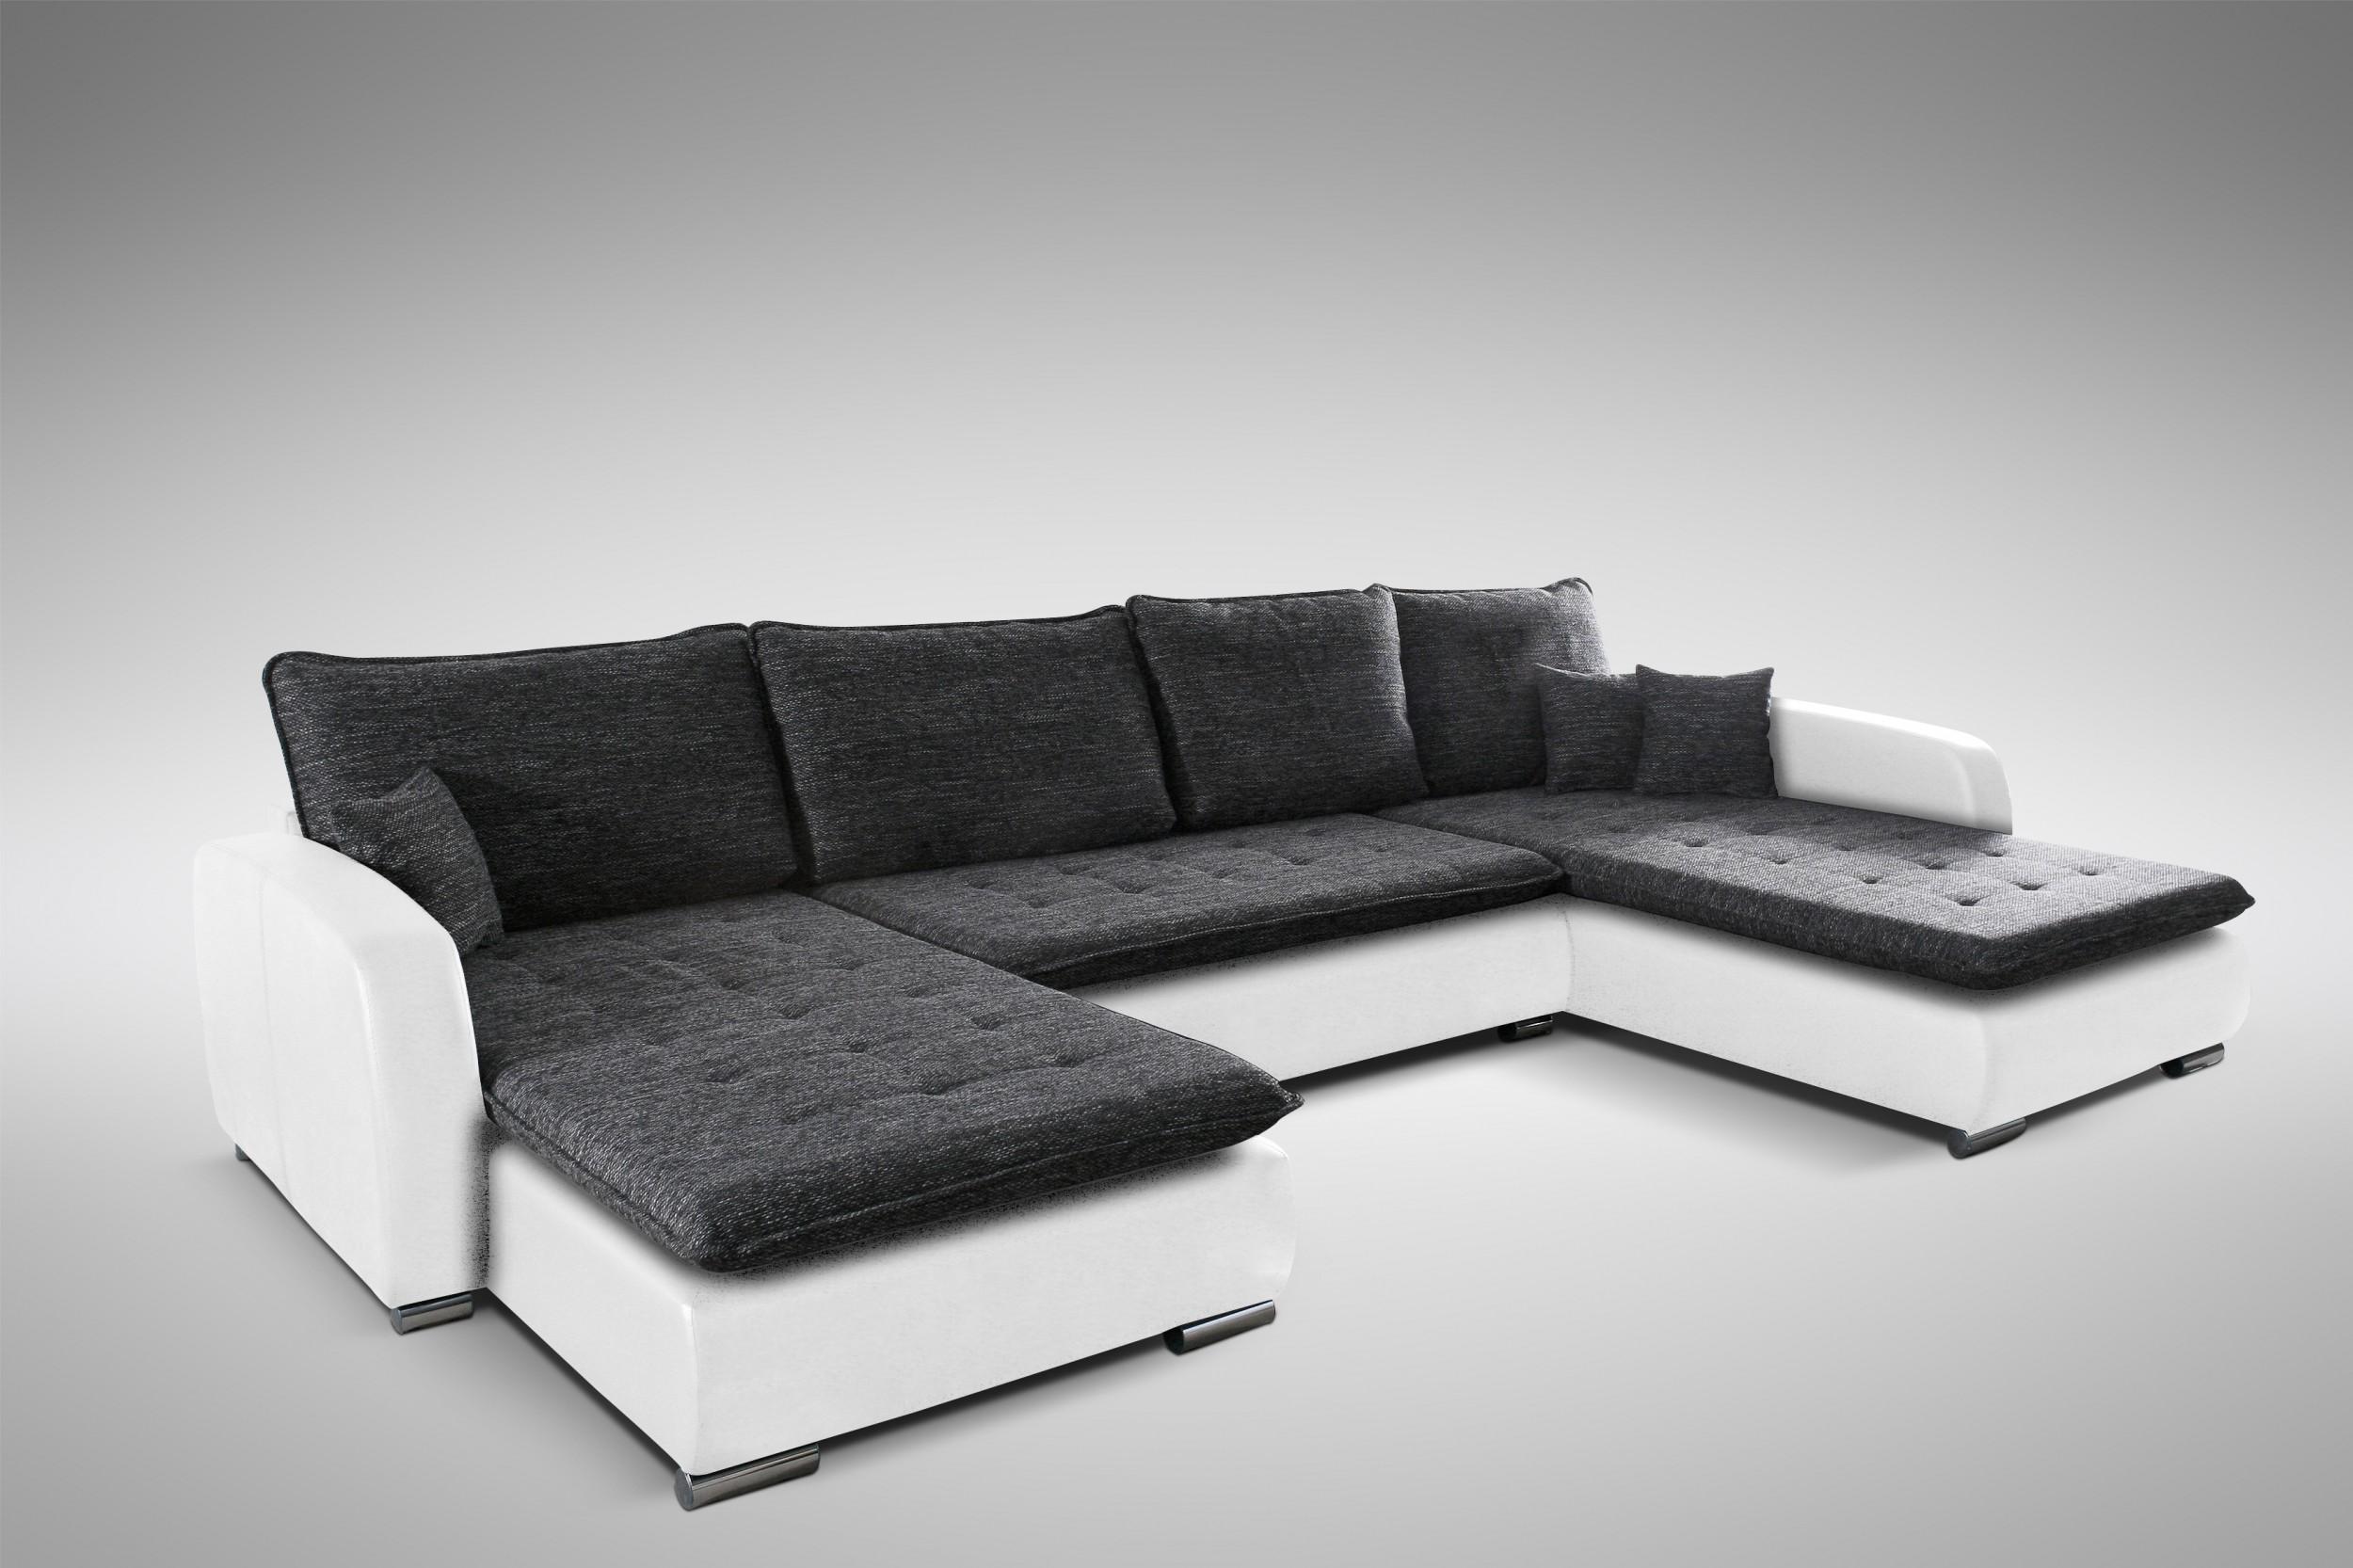 schlafsofa sofa couch ecksofa eckcouch weiss schwarz schlaffunktion kopenhagen ebay. Black Bedroom Furniture Sets. Home Design Ideas